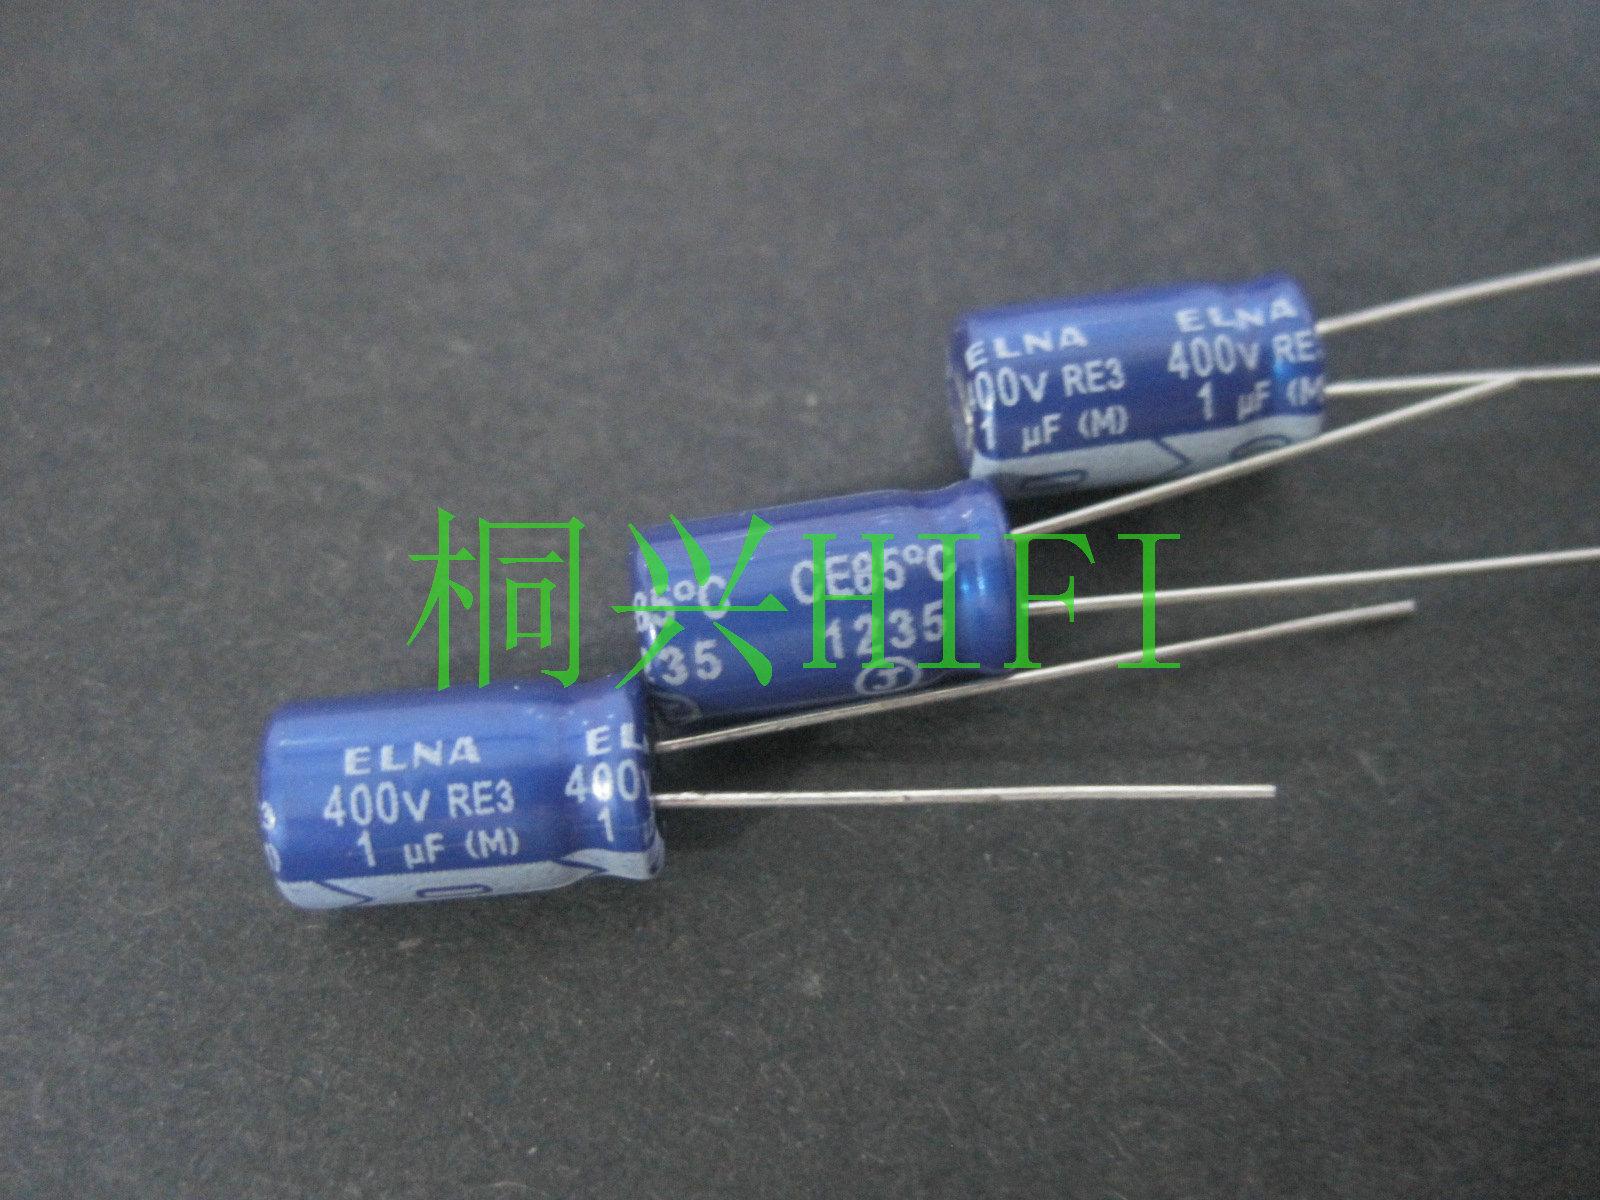 50 Uds nuevos ELNA RE3 400V1UF 6,3X11 MM de audio condensador electrolítico 1 uF/400 V bata azul 1UF 400V re3 400v 1uf